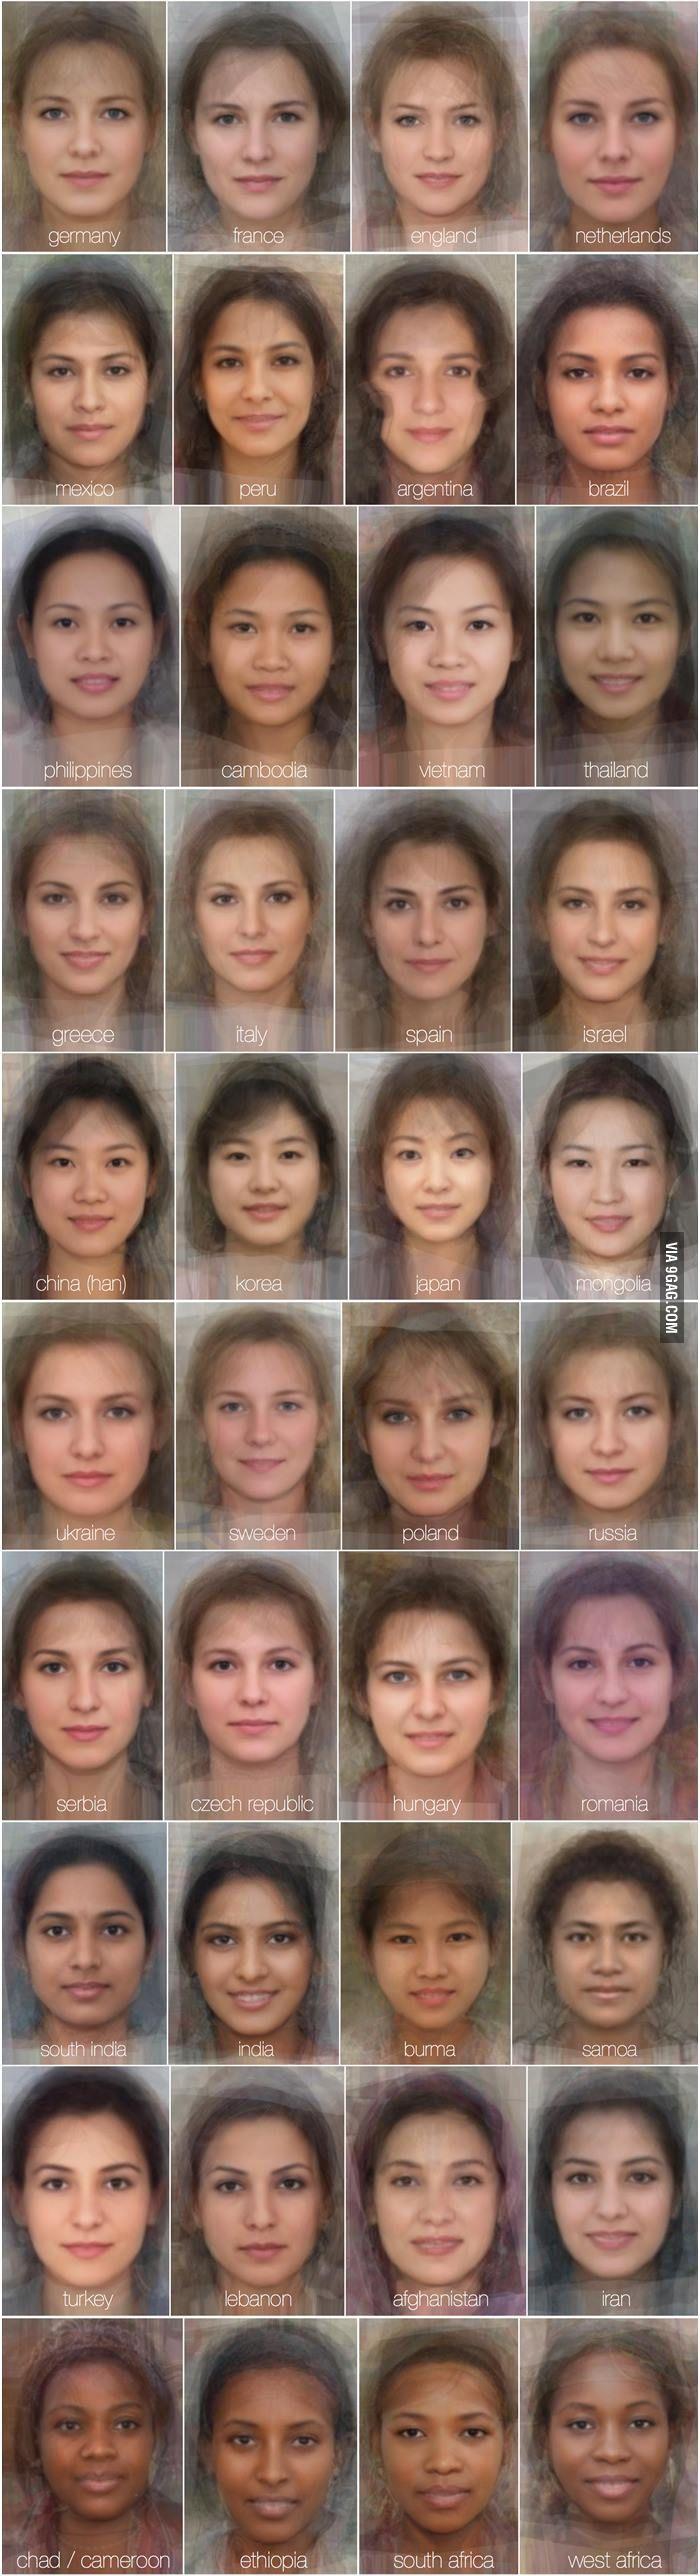 La cara media de la mujer de diferentes paises del mundo